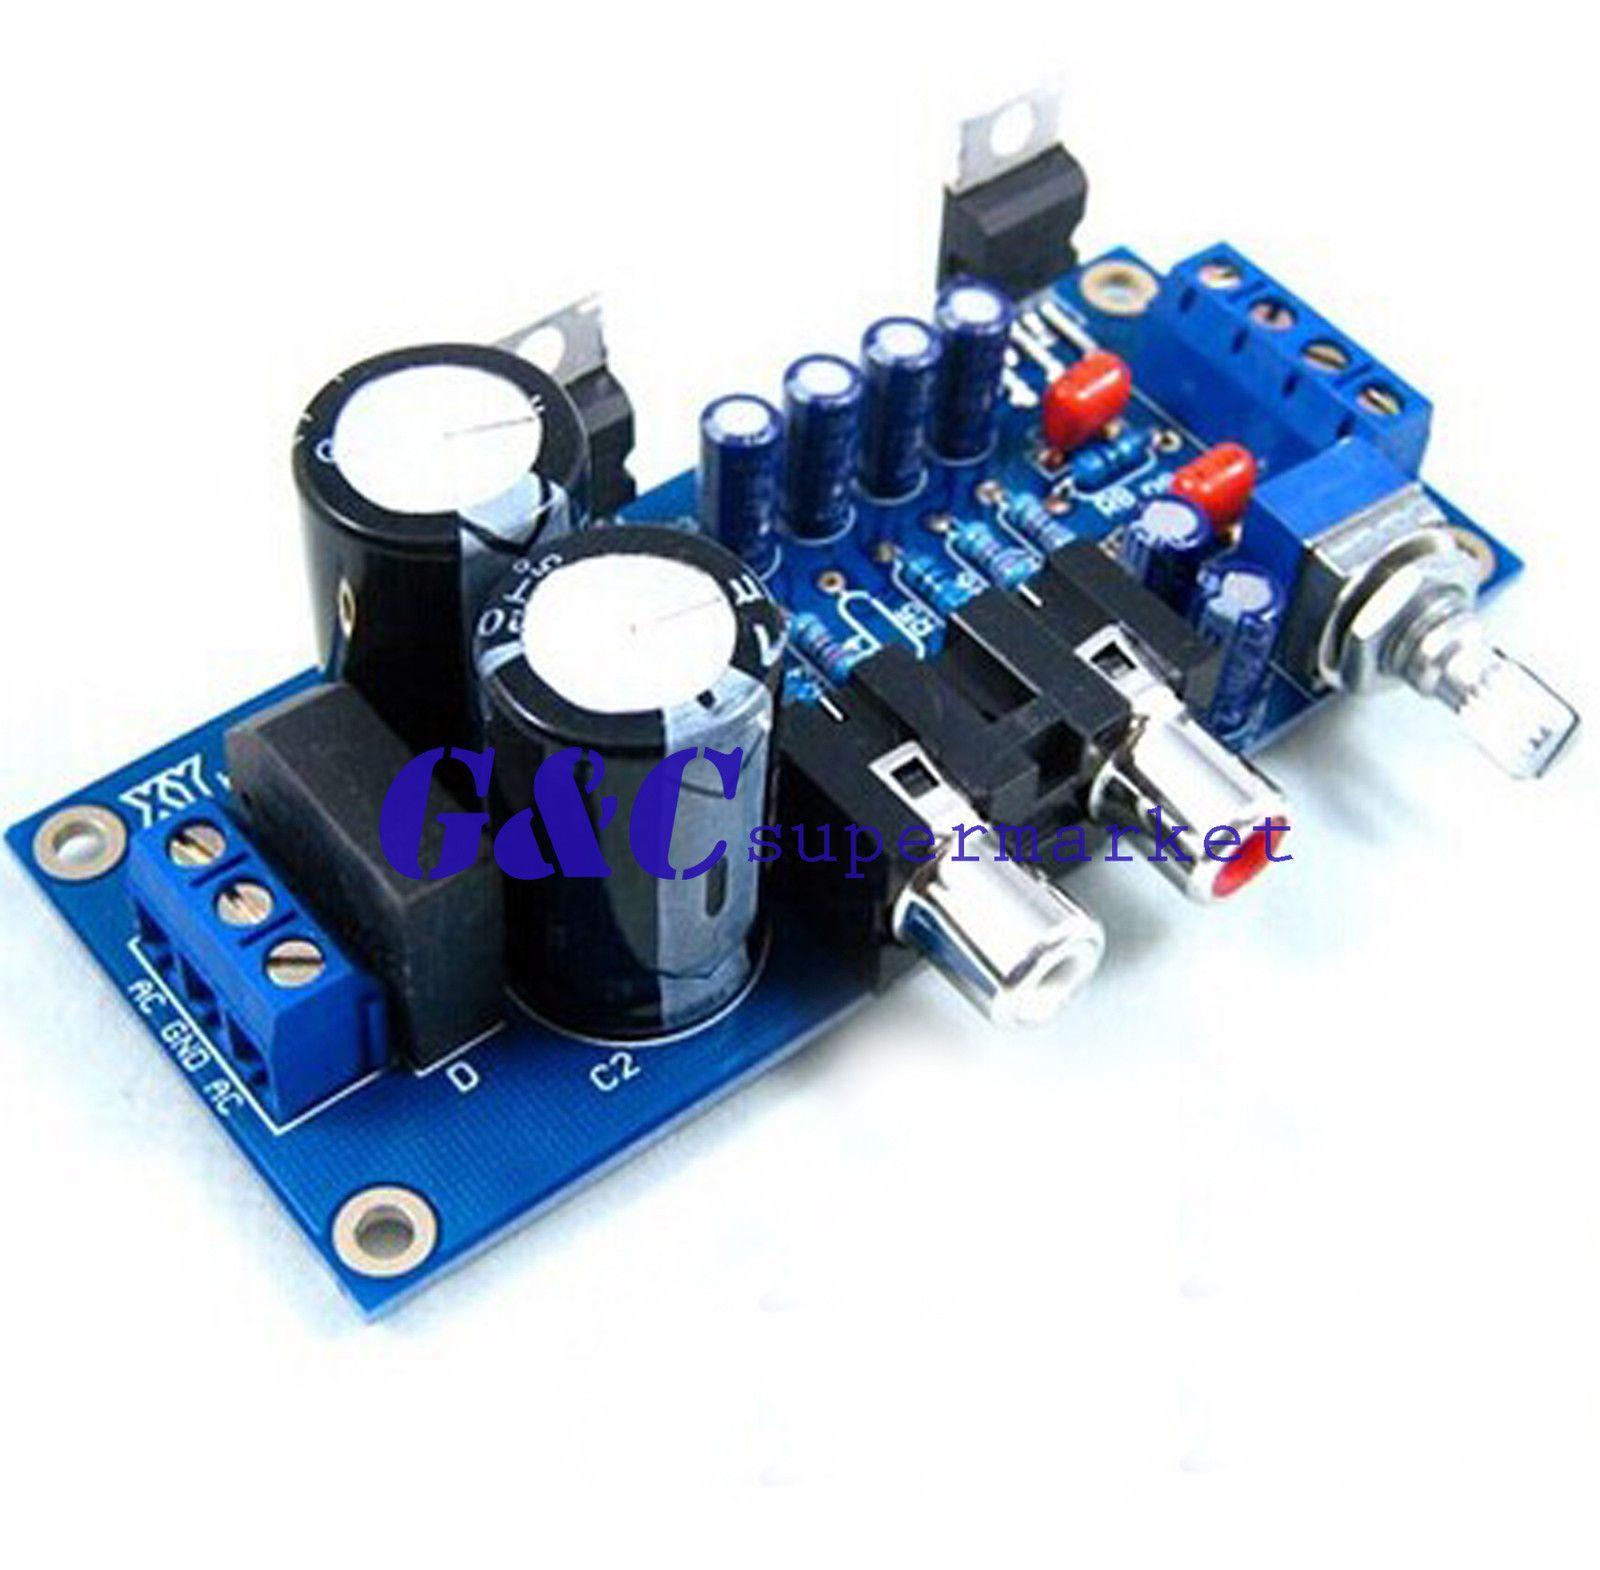 Lm386 Audio Power Amplifier Board Dc 312v 5v Amp Module A 23w Dual Circuit 496 Tda2030a Arduino Diy Kit Ocl 18w X 2 Btl 36w M122